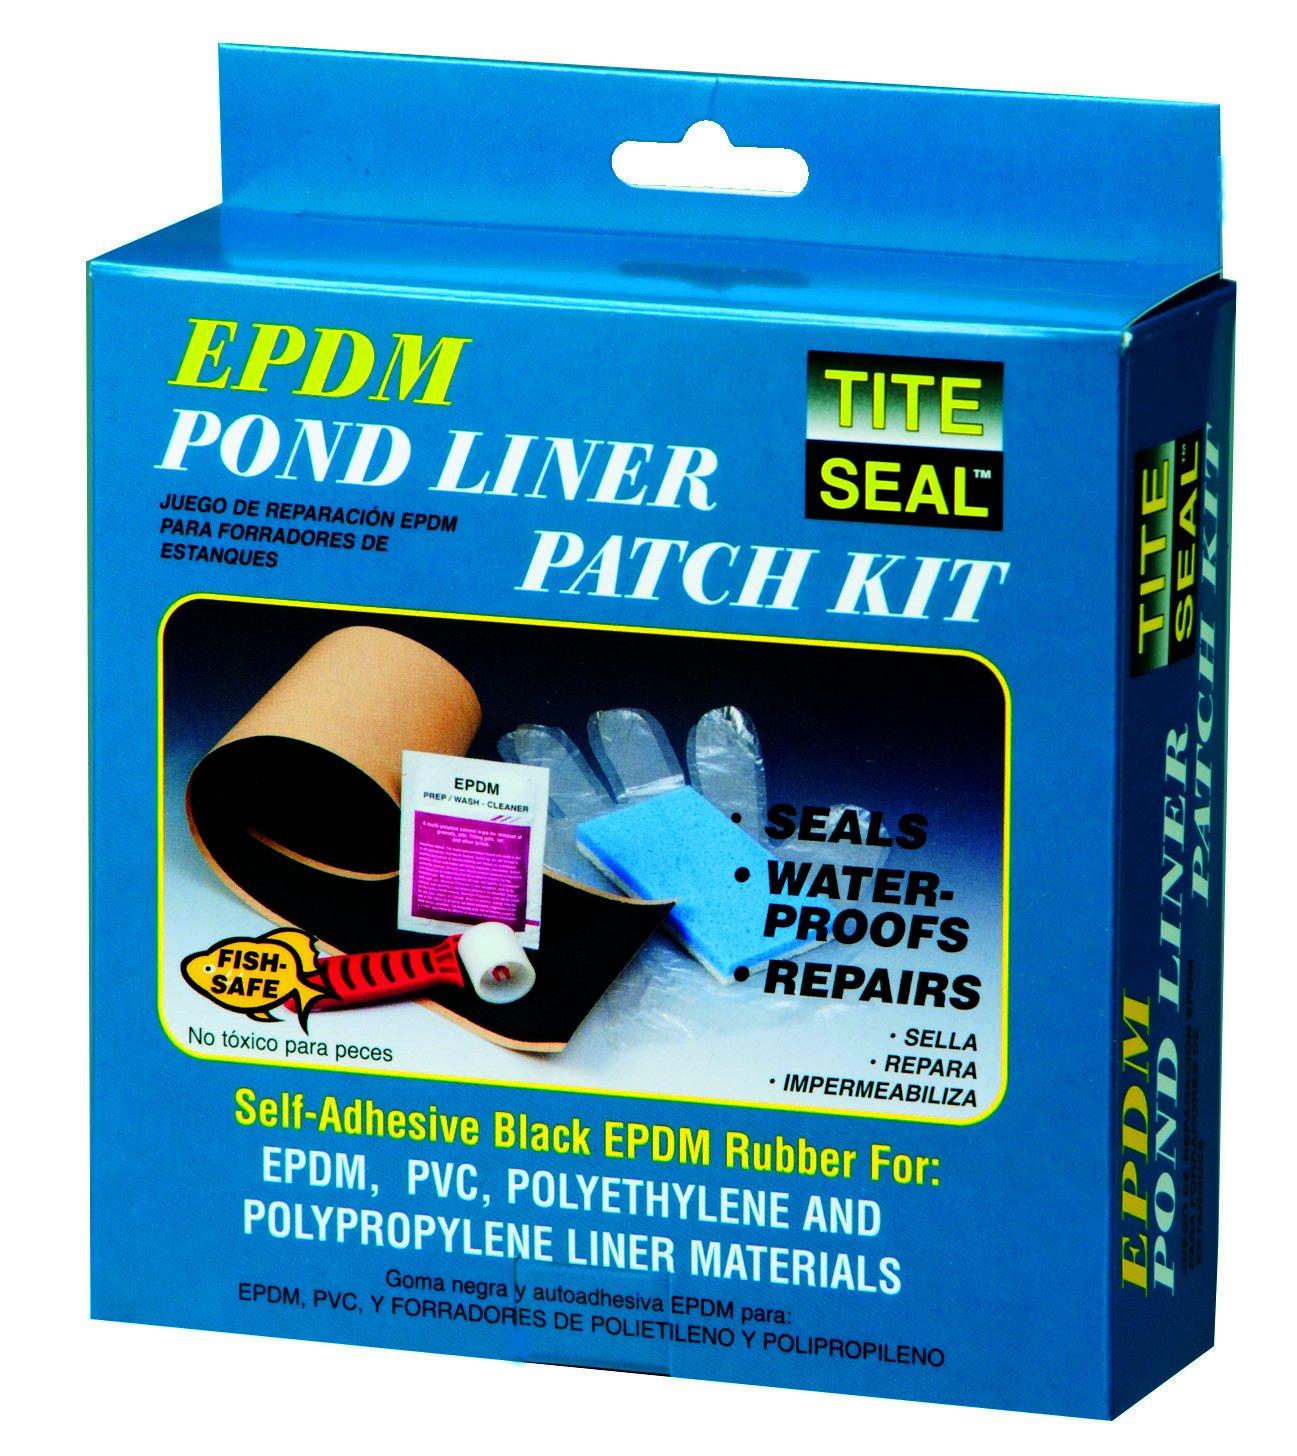 Cofair PLKIT Tite Seal EPDM Pond Liner Repair Kit by Cofair